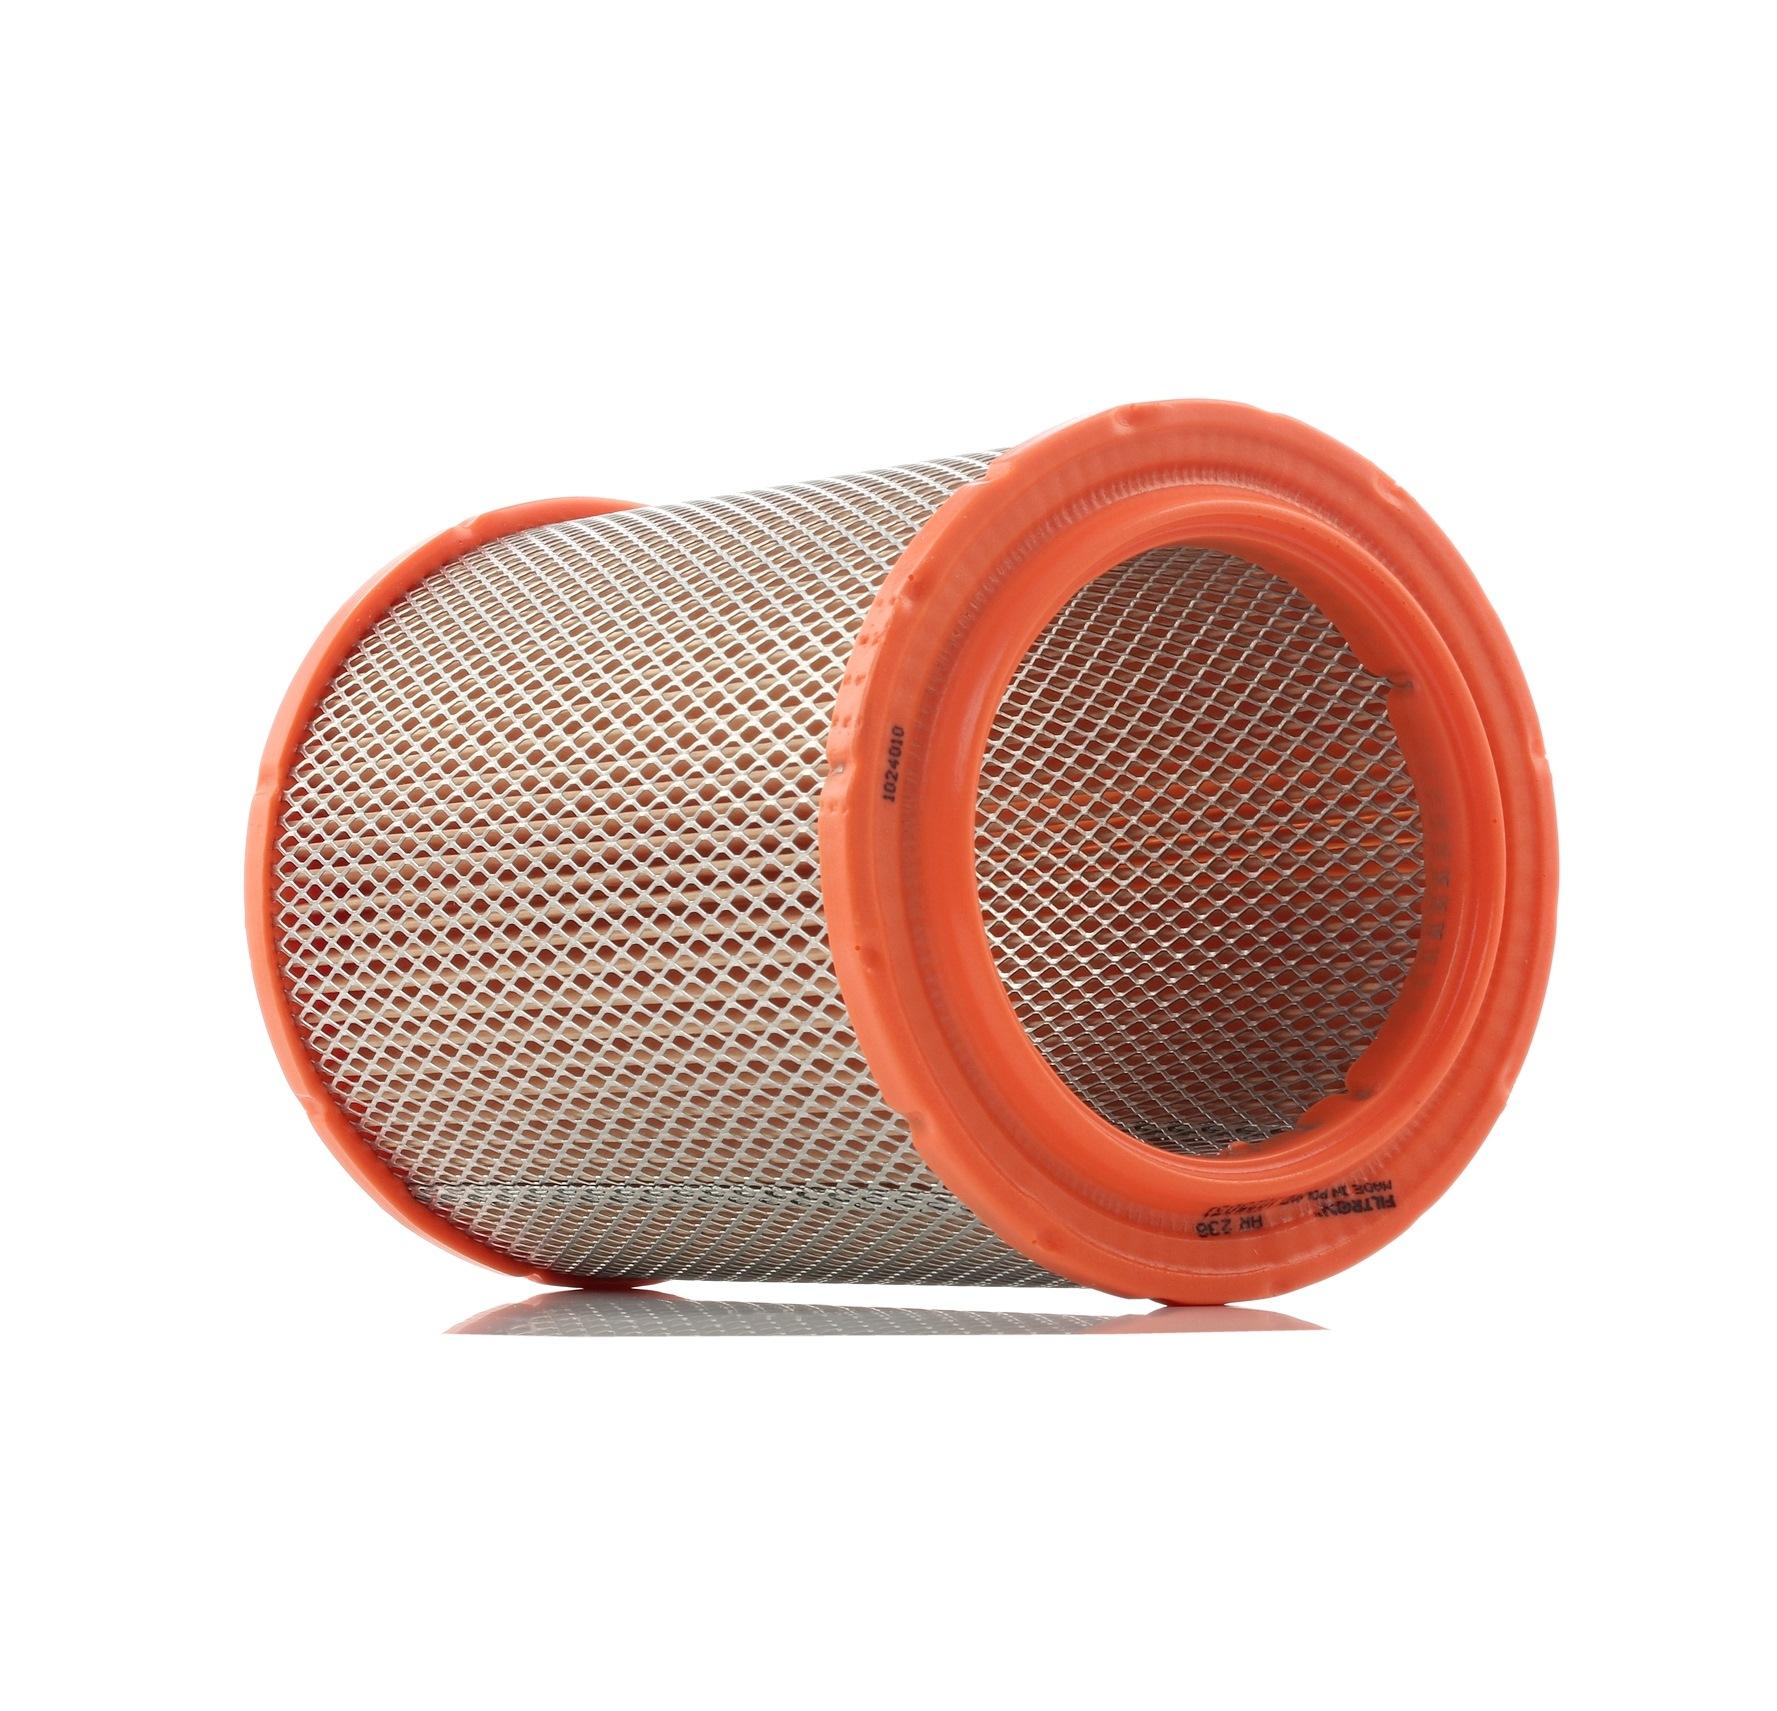 Achetez Filtre à air FILTRON AR 236 (Hauteur: 175mm) à un rapport qualité-prix exceptionnel